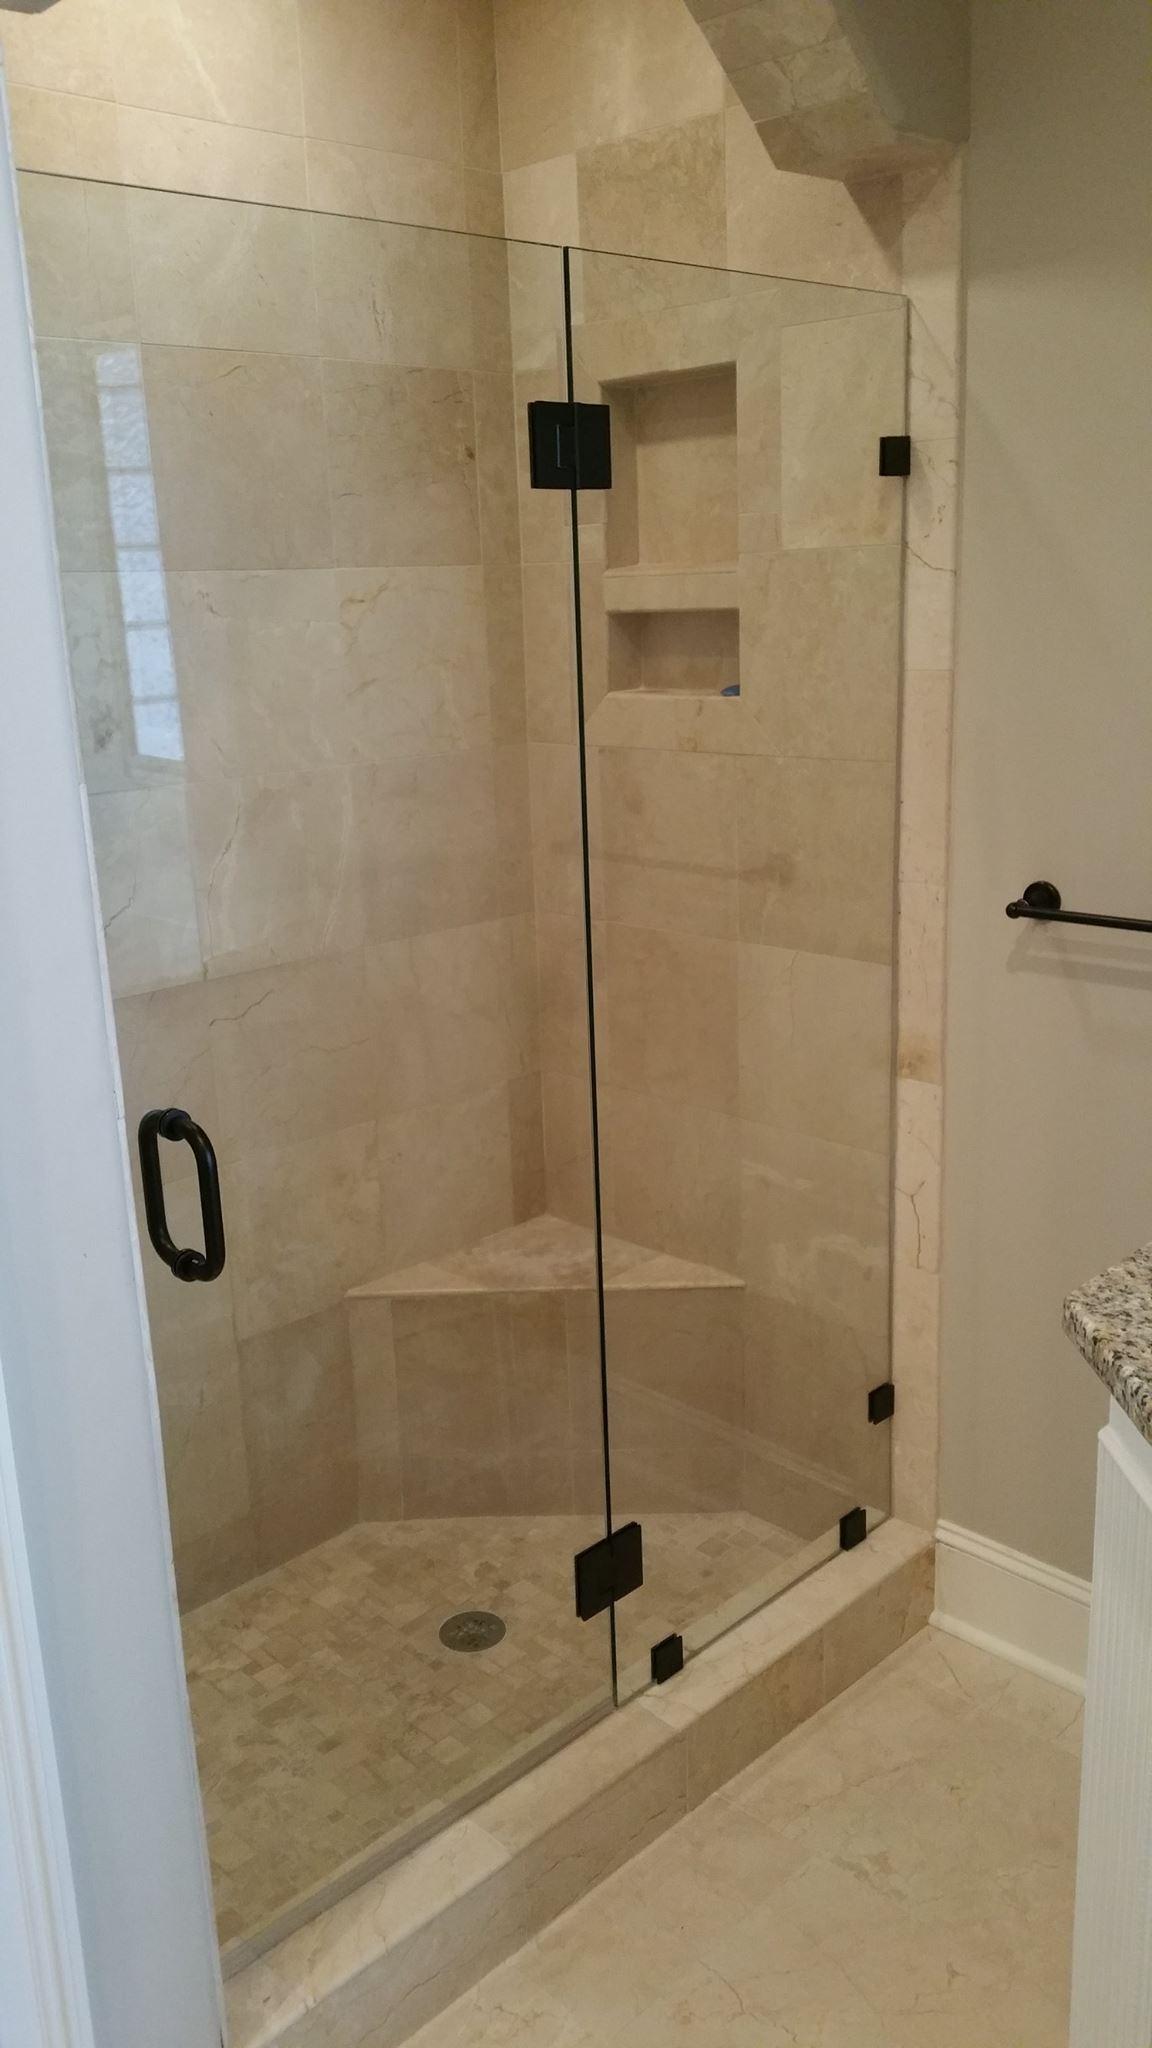 Frameless Shower Doors Carolina Beach, NC